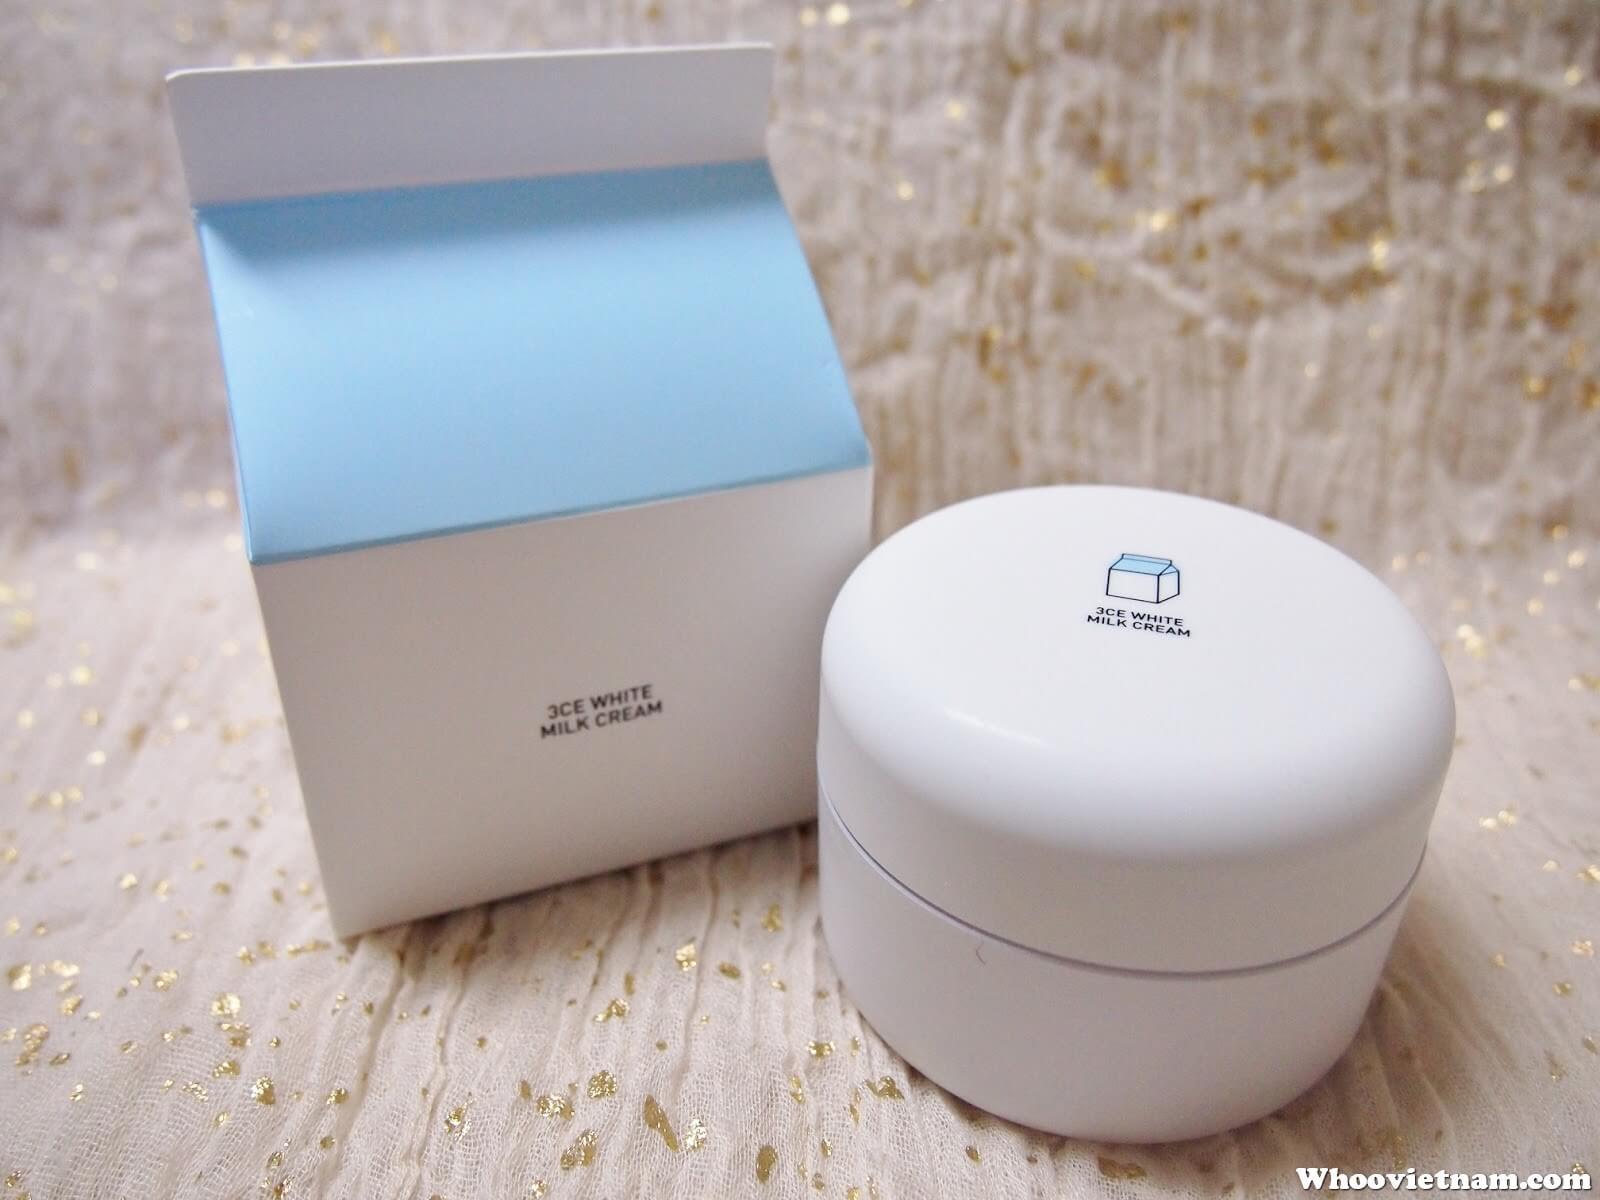 Top 10 kem dưỡng trắng da mặt tốt nhất của các thương hiệu Hàn Quốc